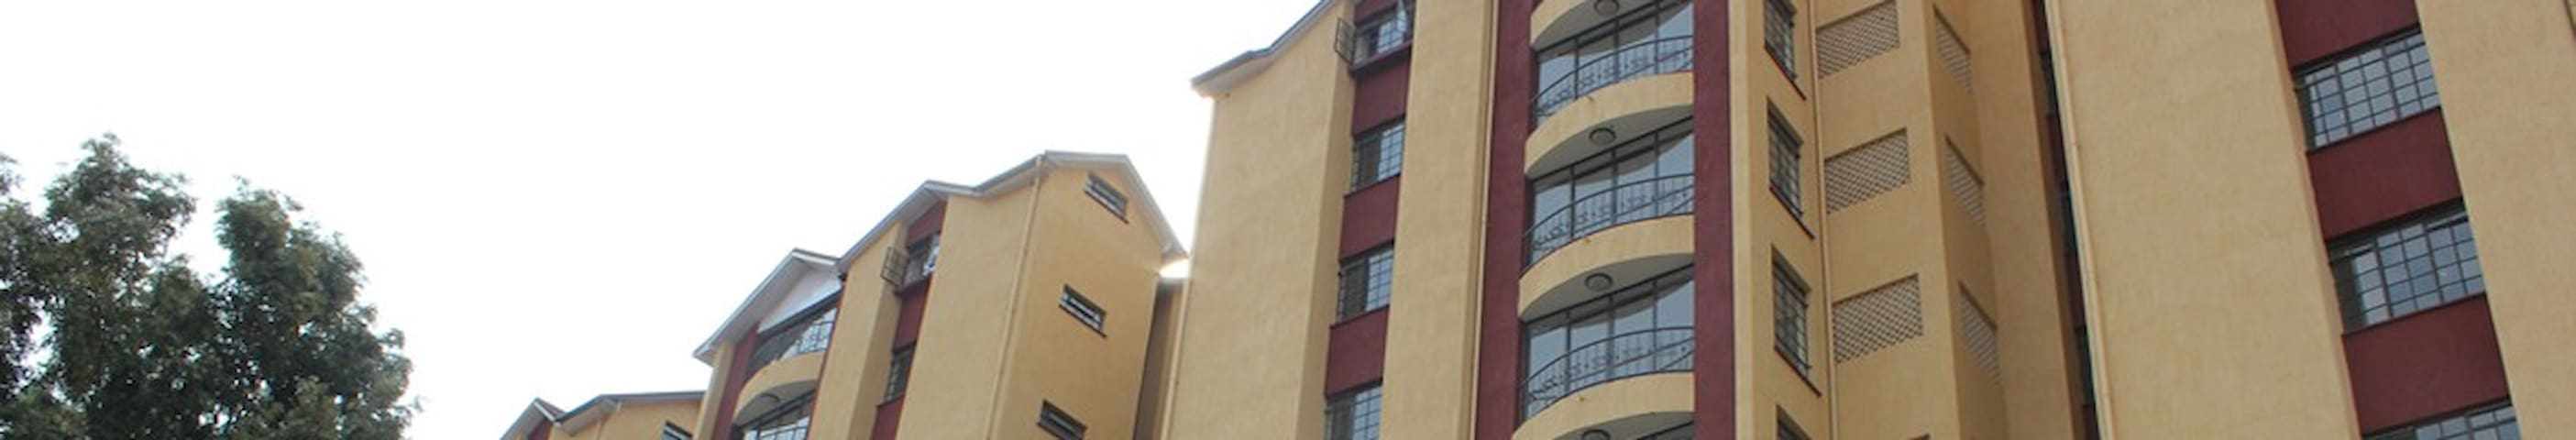 Modern fully furnished apartment - Limuru road - Apartamento